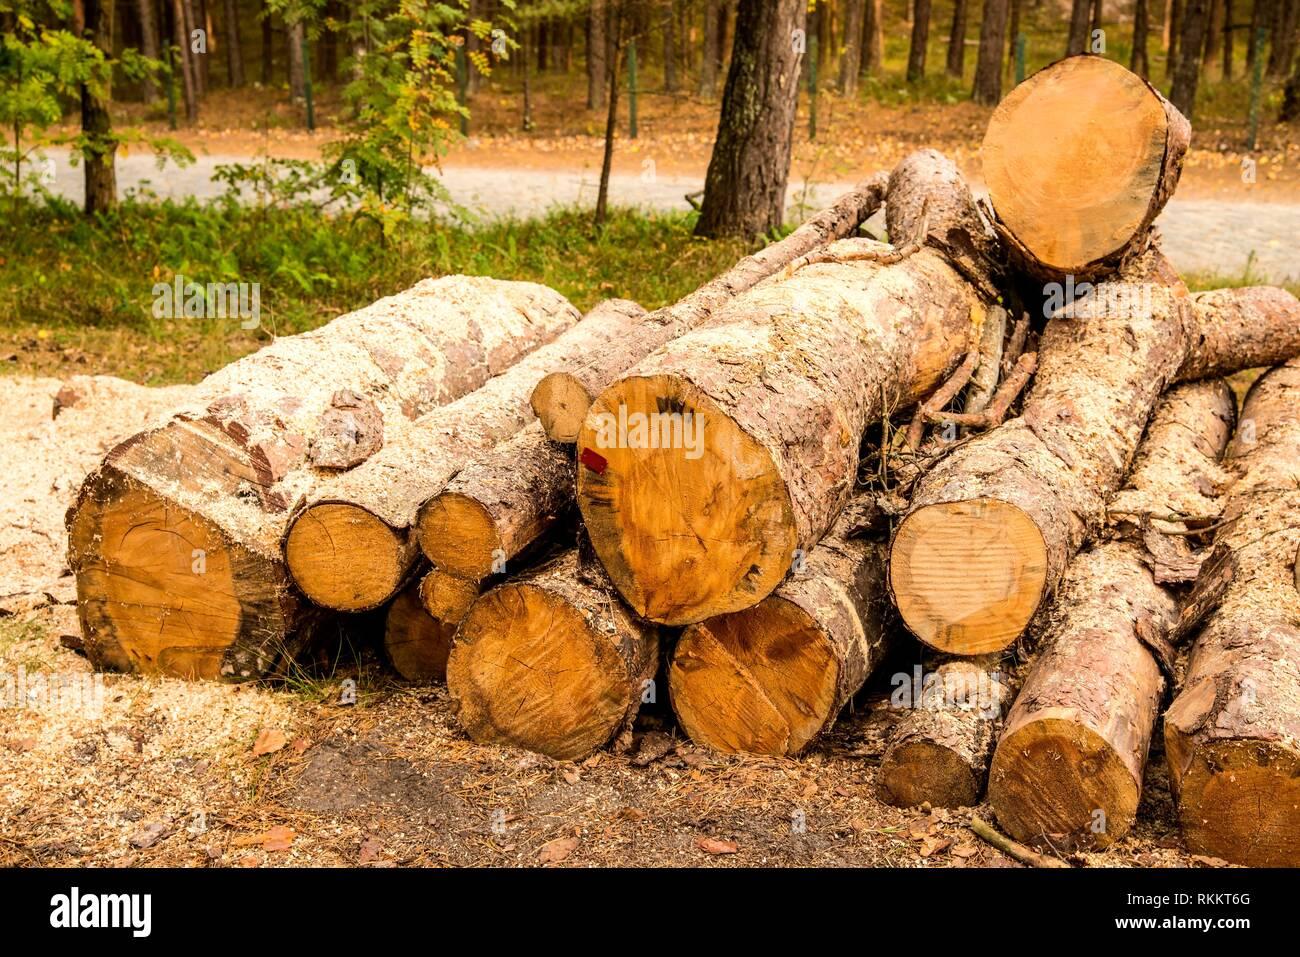 Bois Bois, striée dans une forêt. Photo Stock